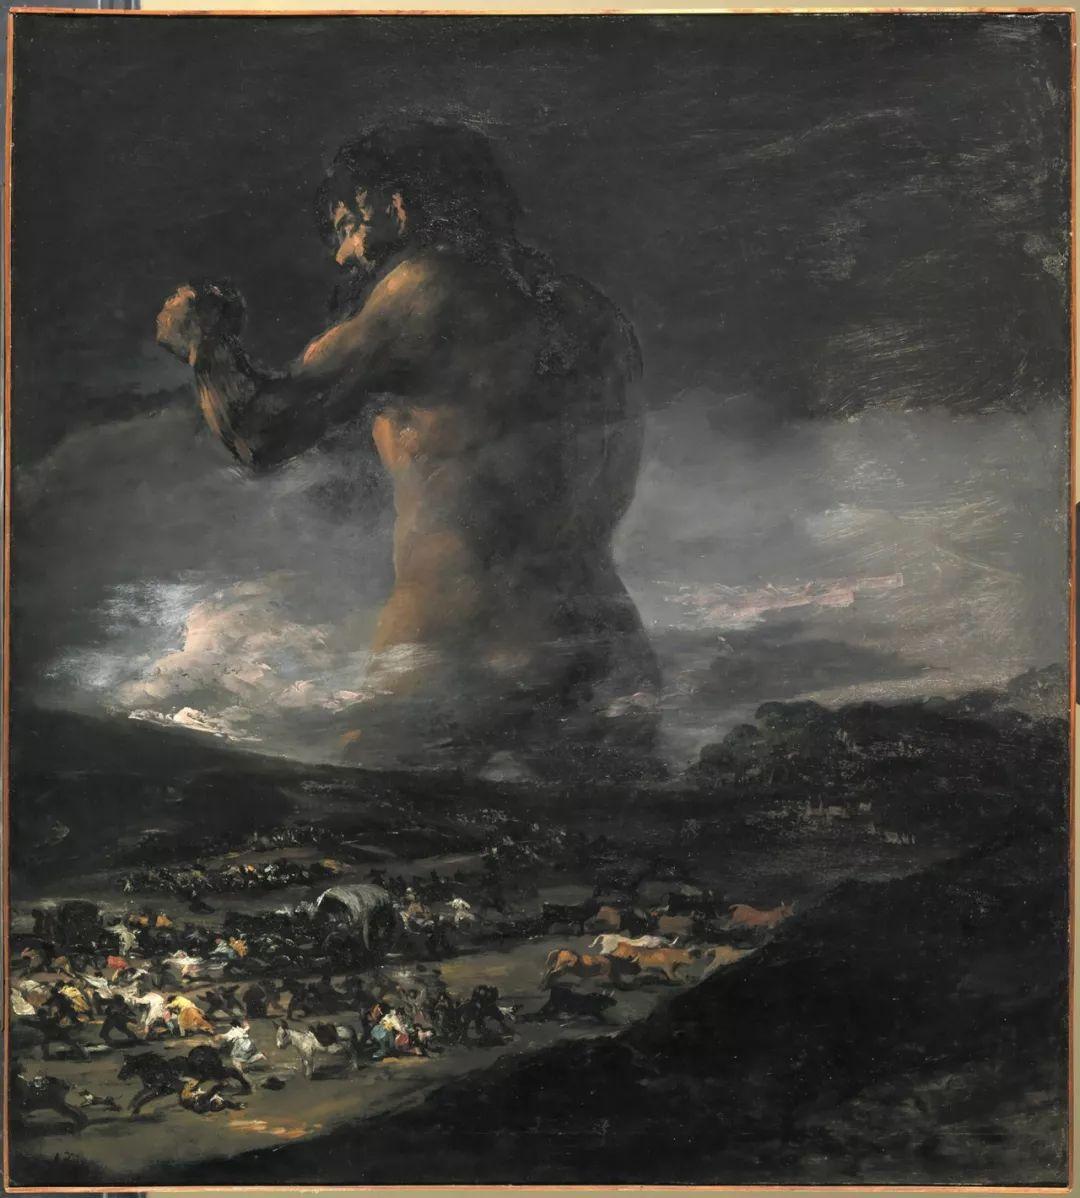 画风奇异的天才戈雅,画作震撼,他被称为浪漫主义最后的大师!插图189